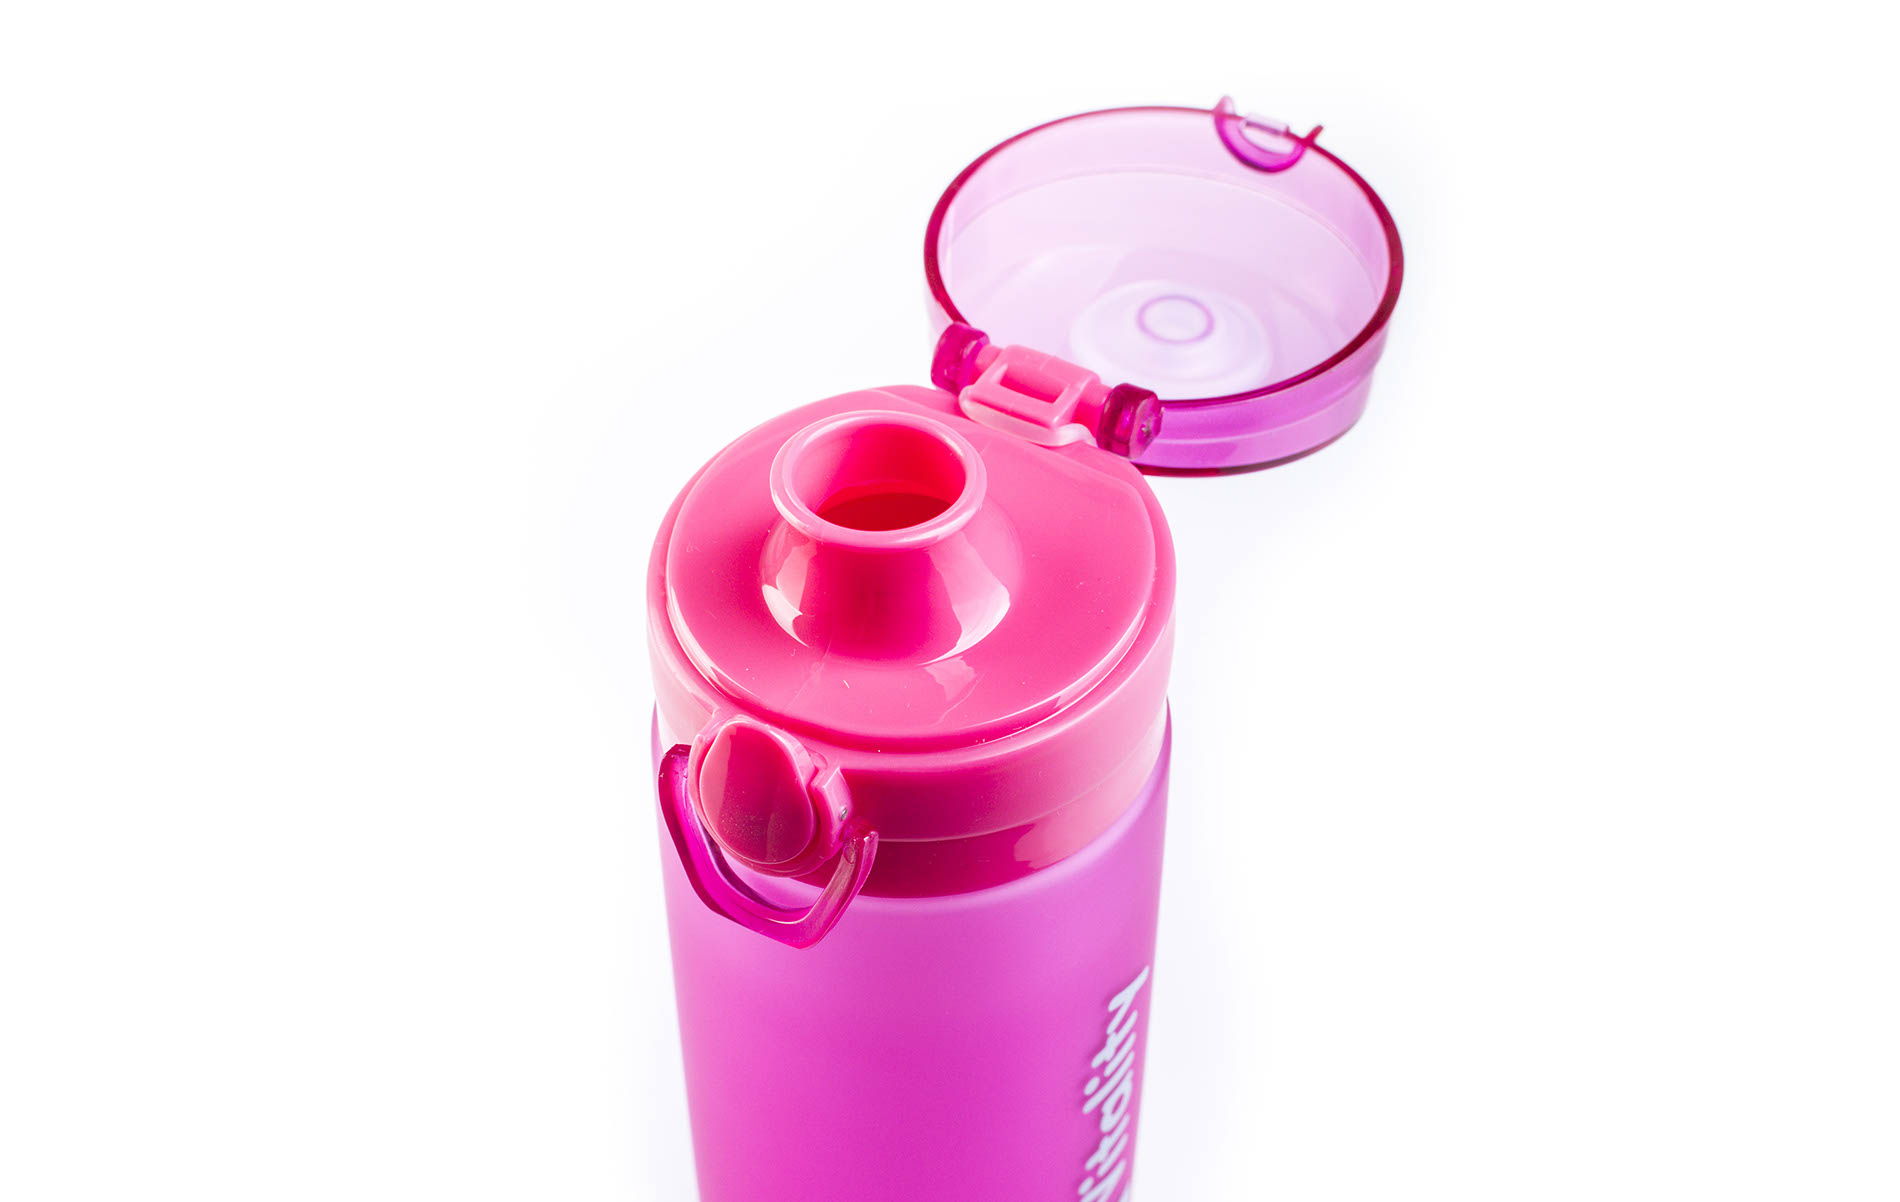 Růžová láhev G21 na smoothie/juice s pojistkou